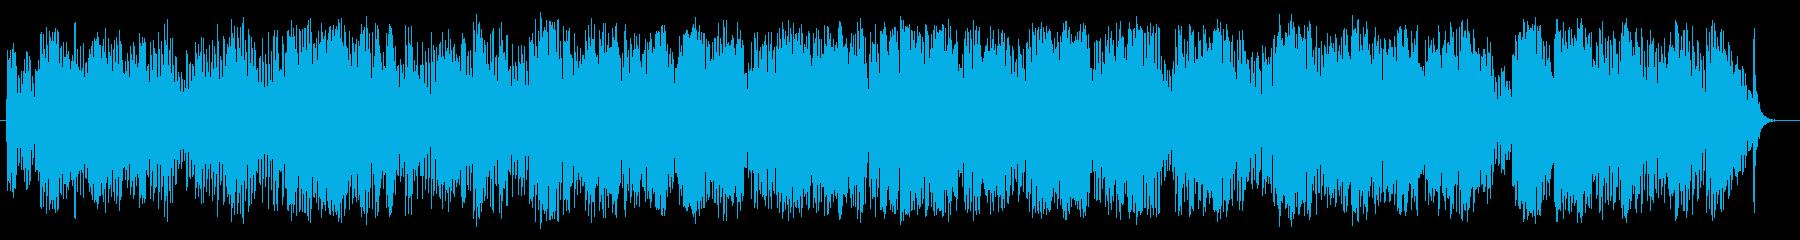 ピアノアルペジオ曲の再生済みの波形